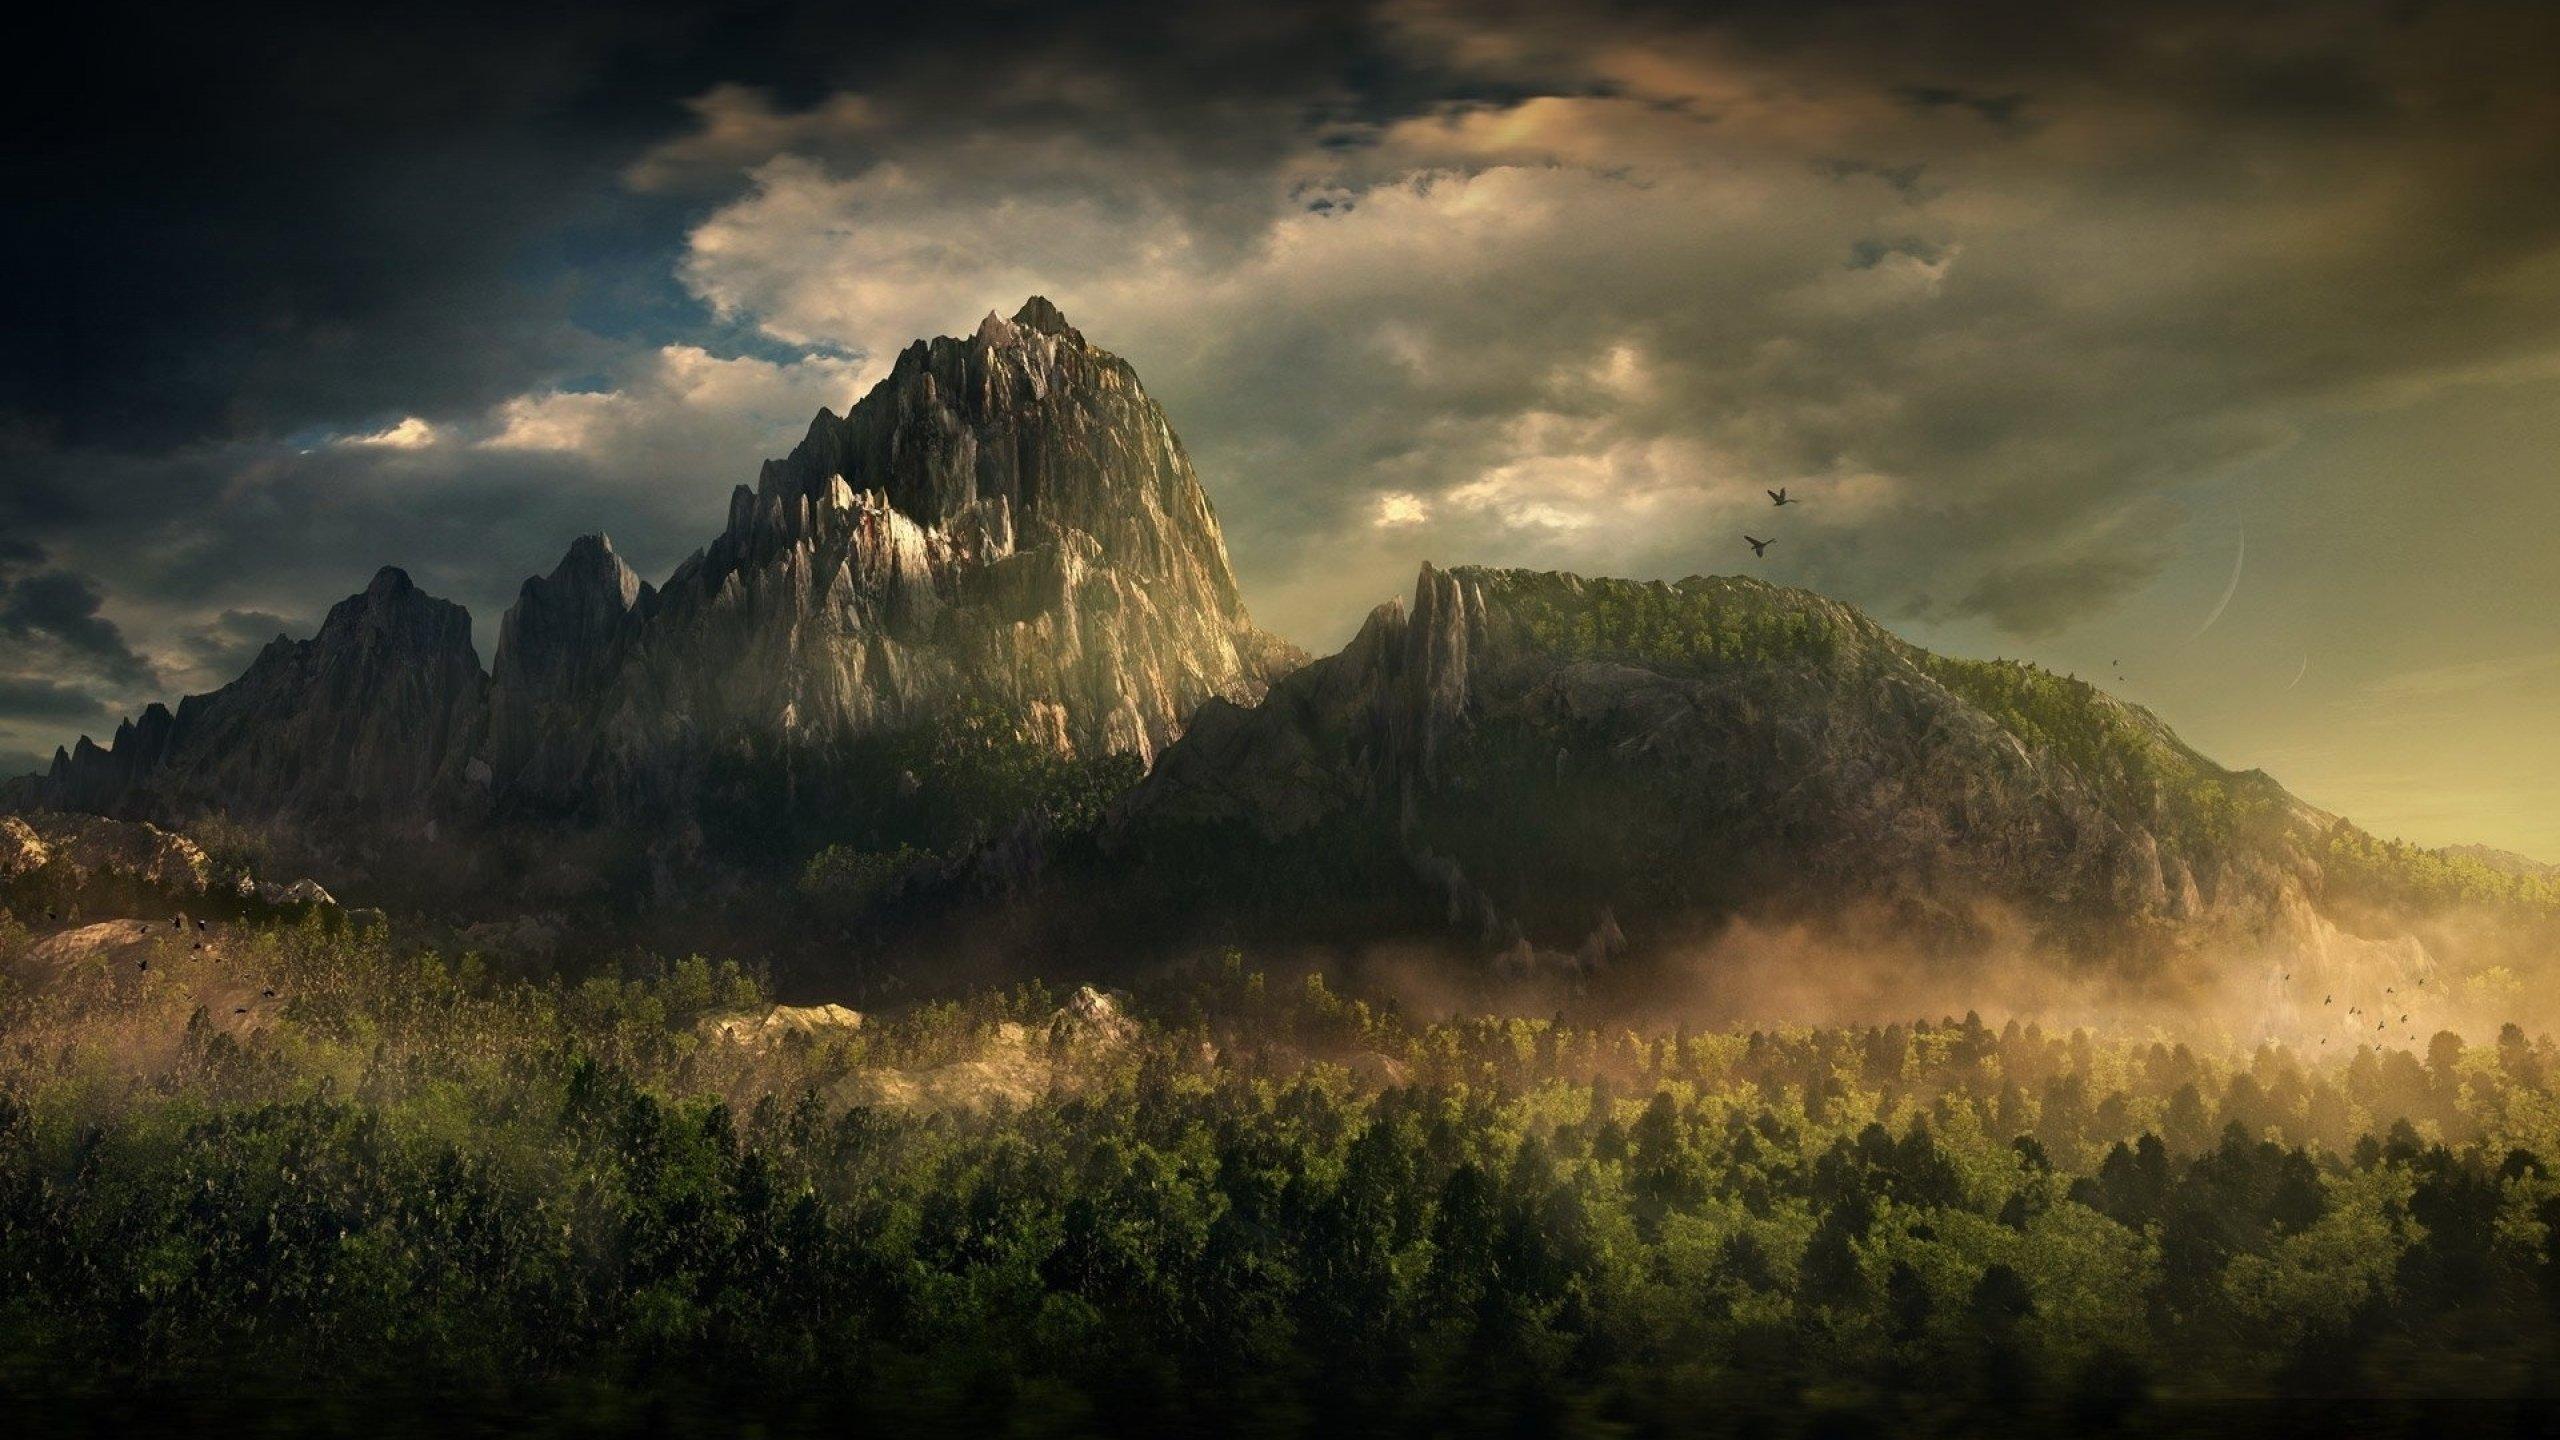 2560x1440 wallpaper landscape - photo #4